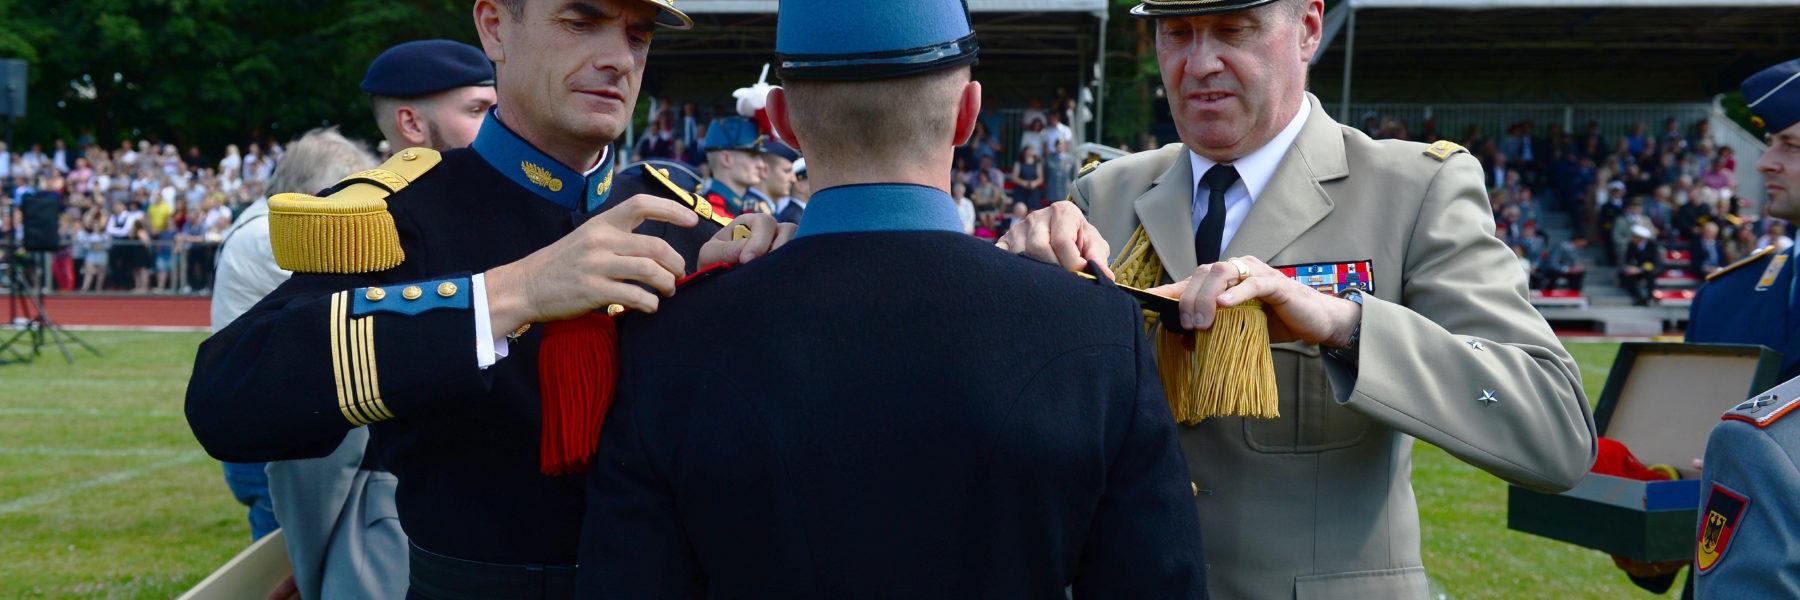 Zwei Soldaten in bunten Uniformen stecken einem dritten Soldaten mit Federbusch am Hut neue Epauletten auf die Schulter.